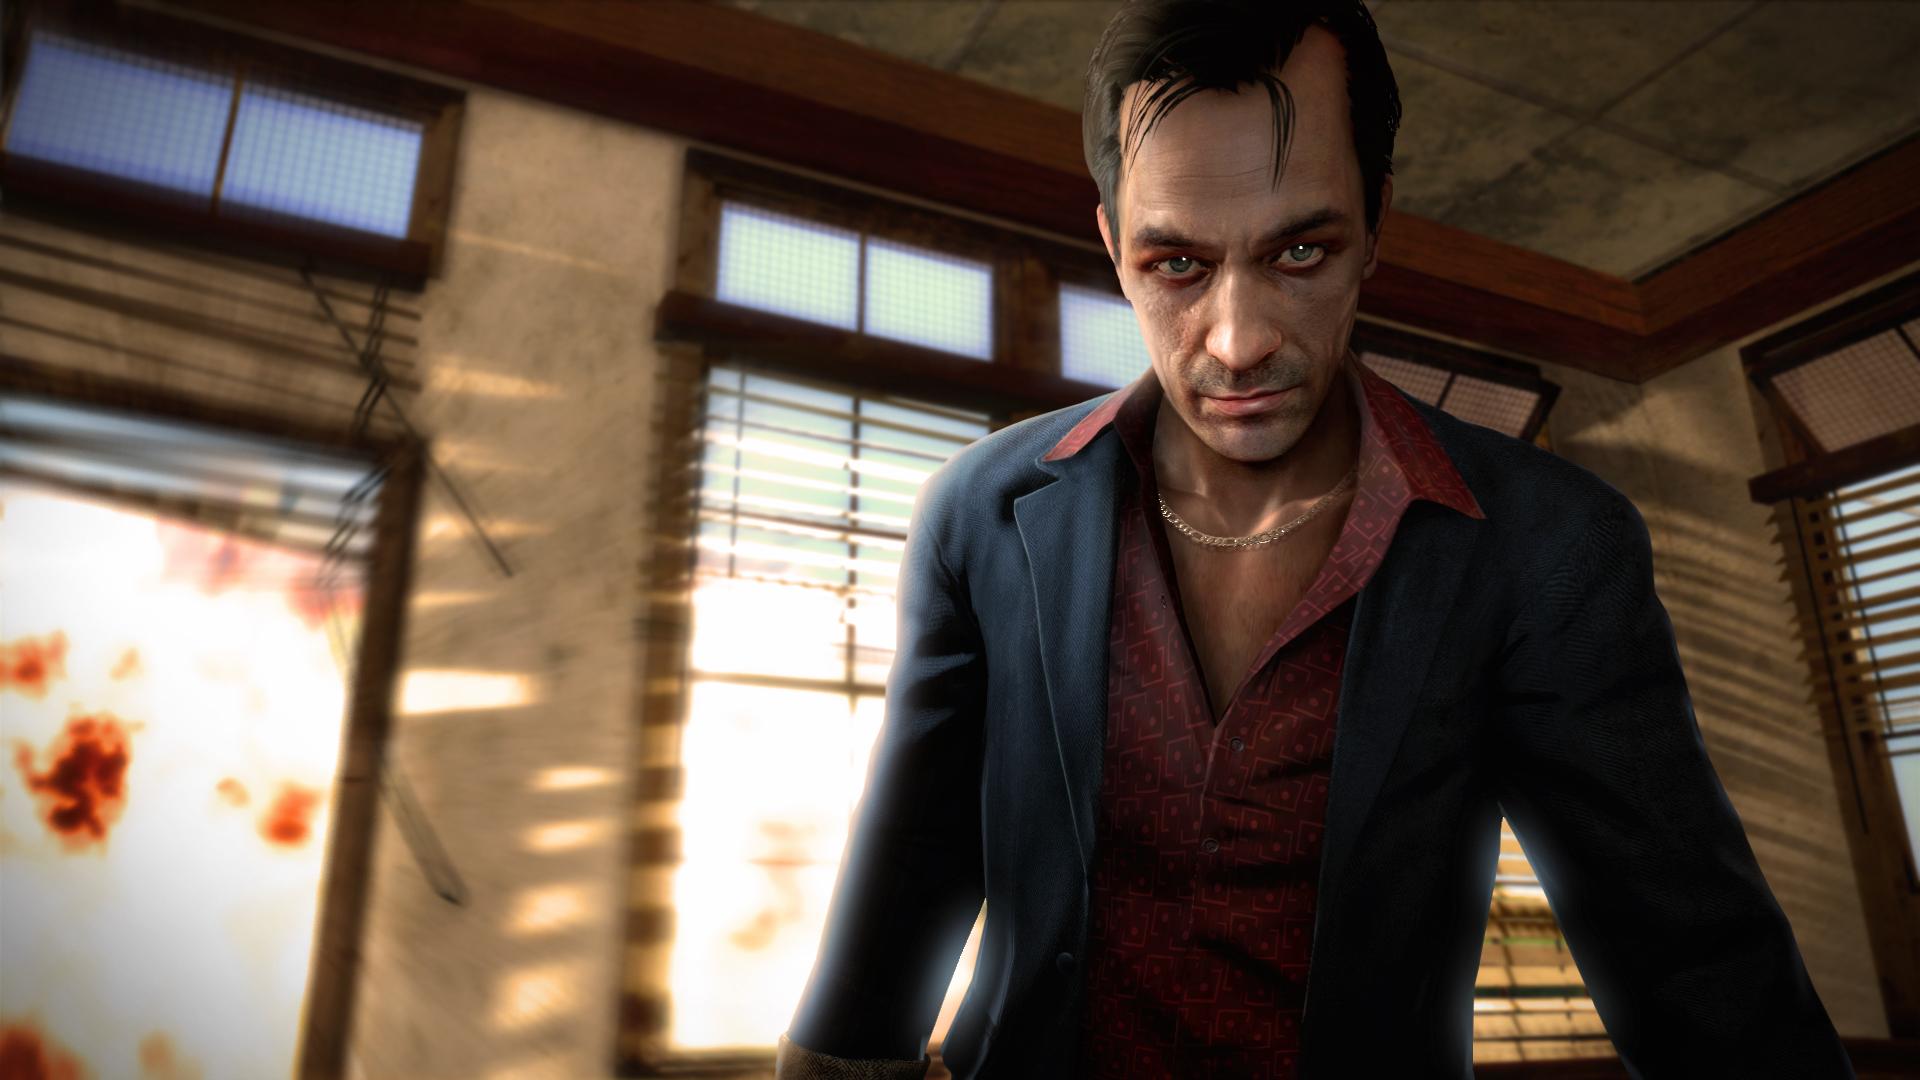 Meet The Lead Villain Of Far Cry 3 Hoyt The Tyrant Neoseeker